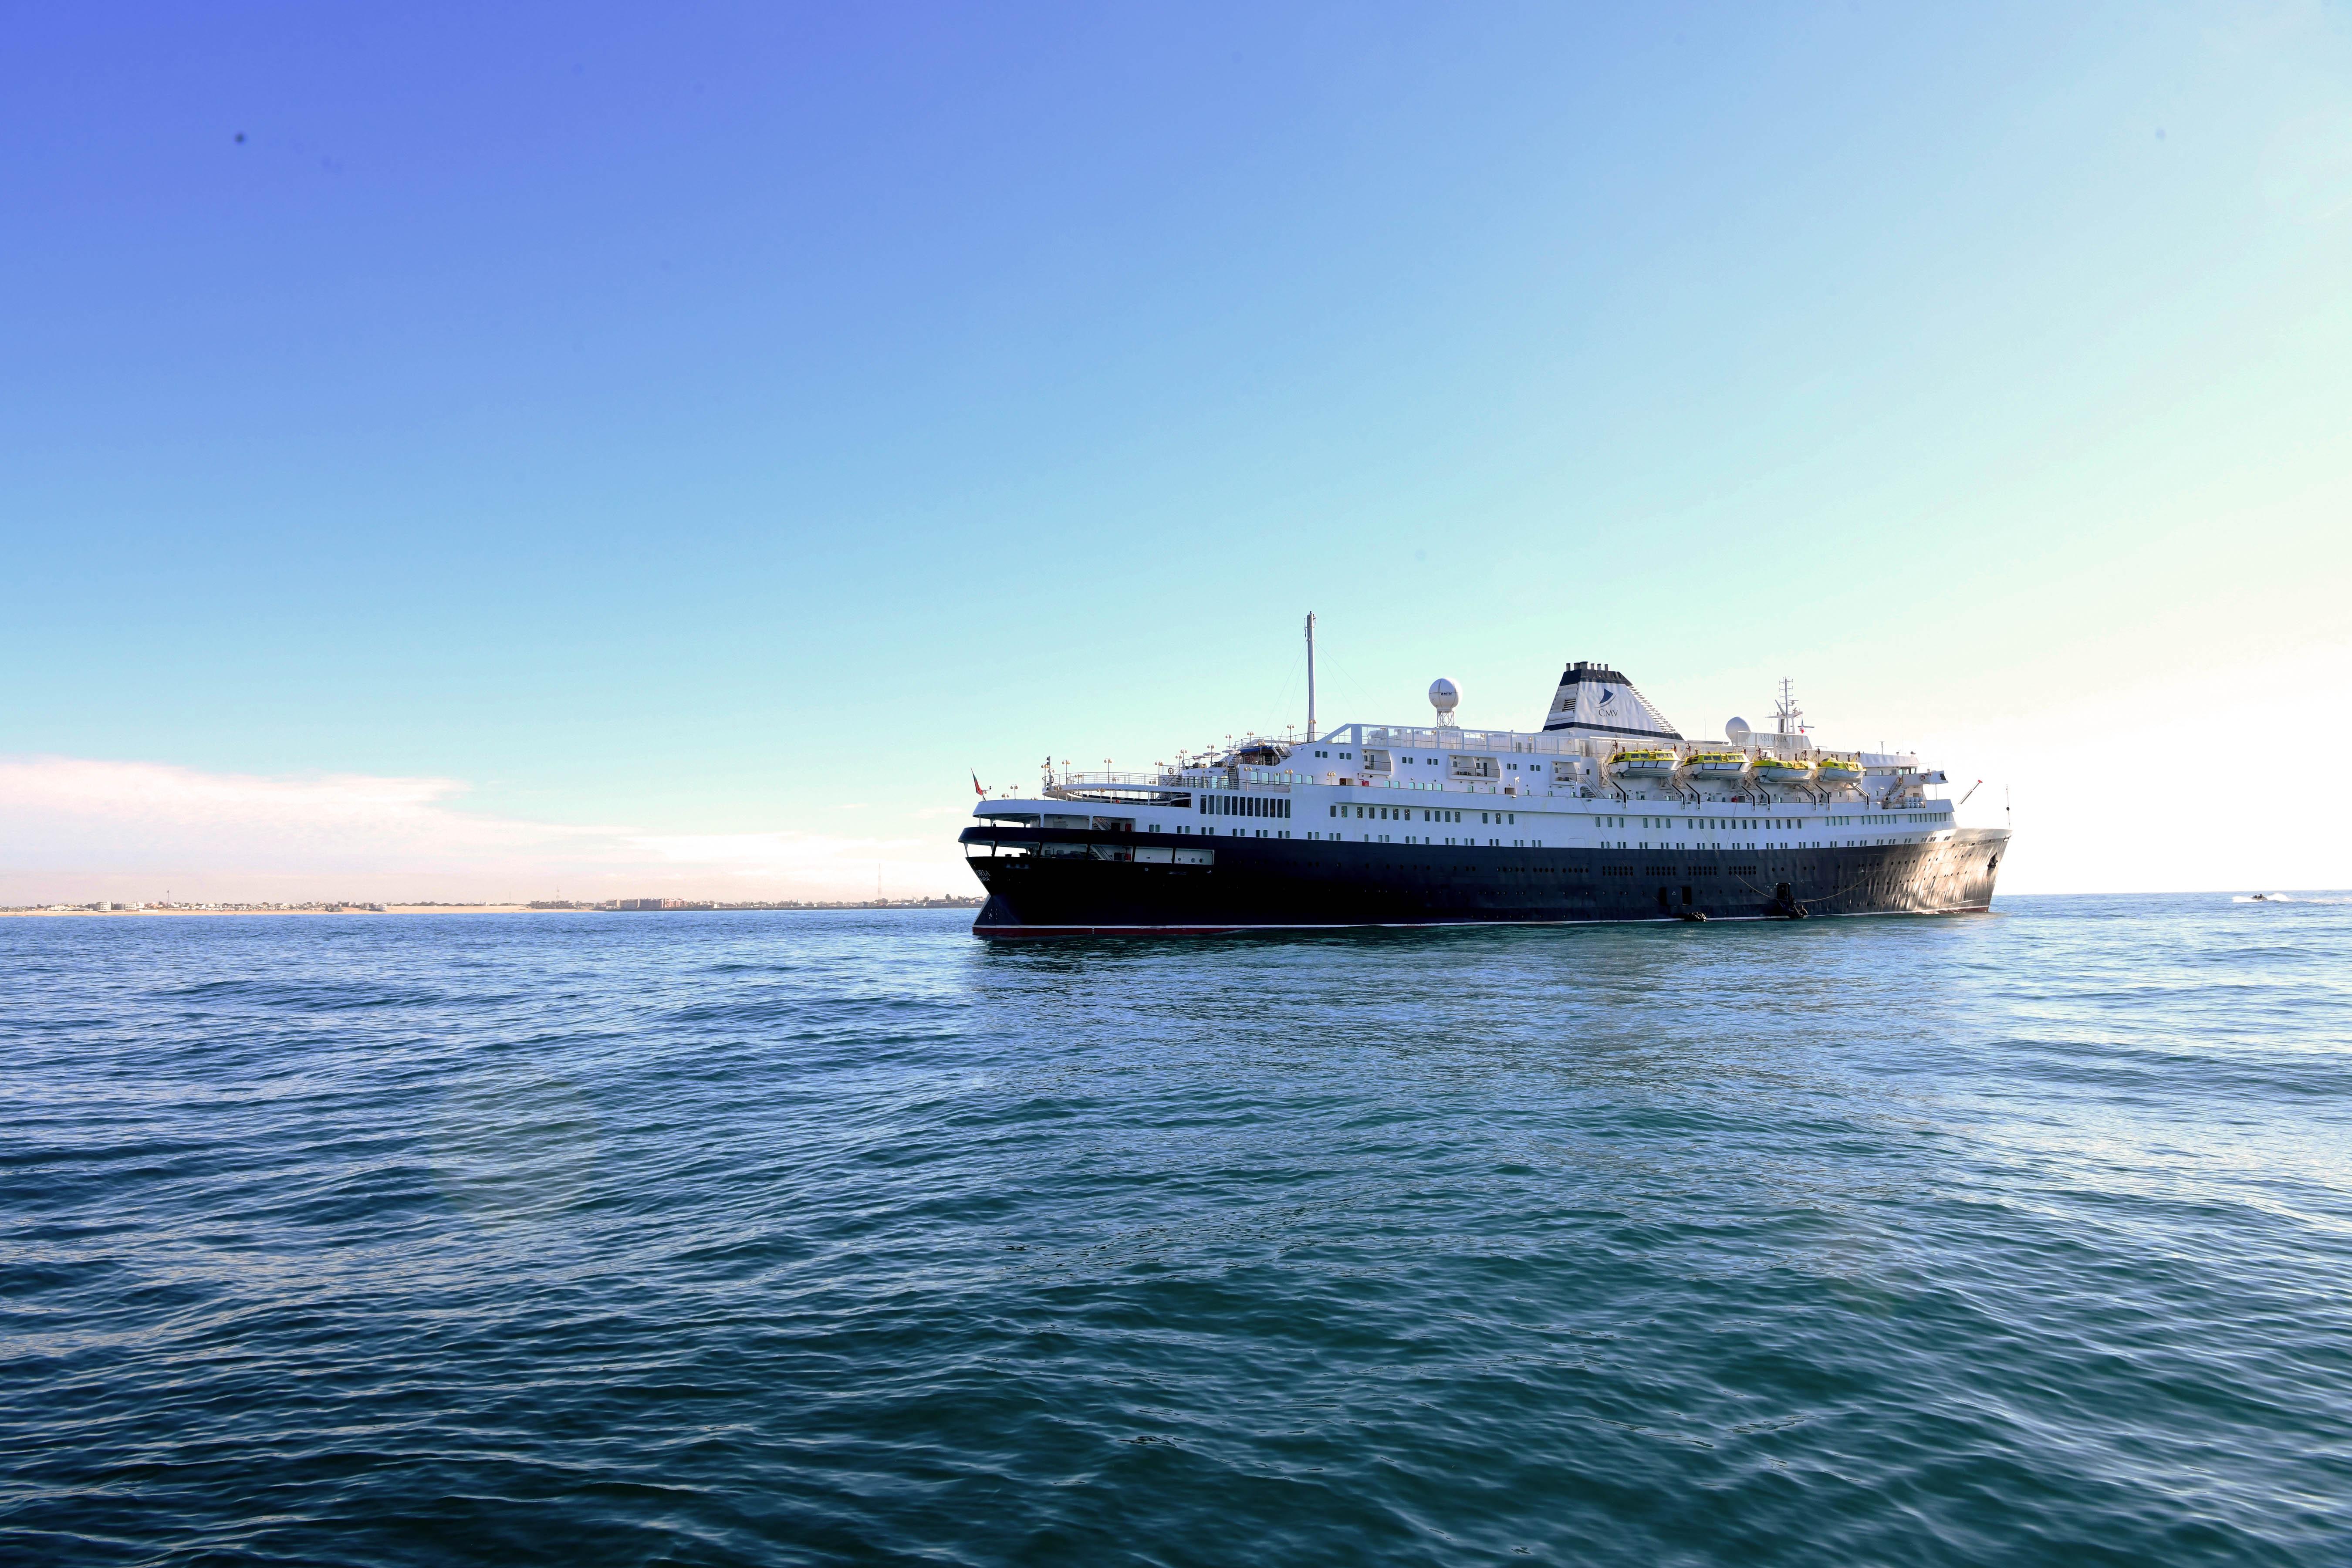 El crucero Astoria deja derrama de 190 mdp en el Mar de Cortés